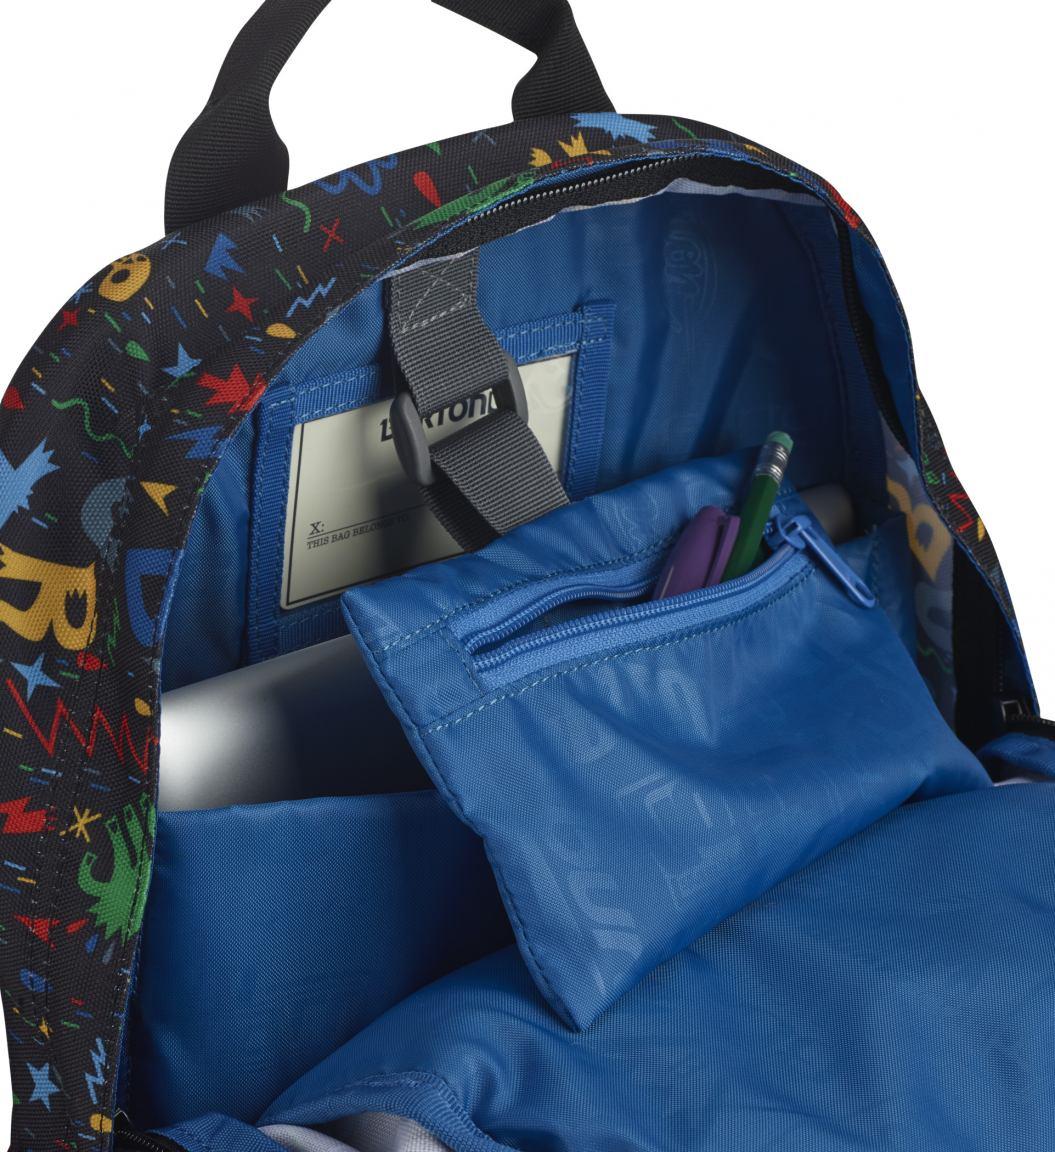 Kinderrucksack Burton YTH Emphasis Backpacker Camping blau